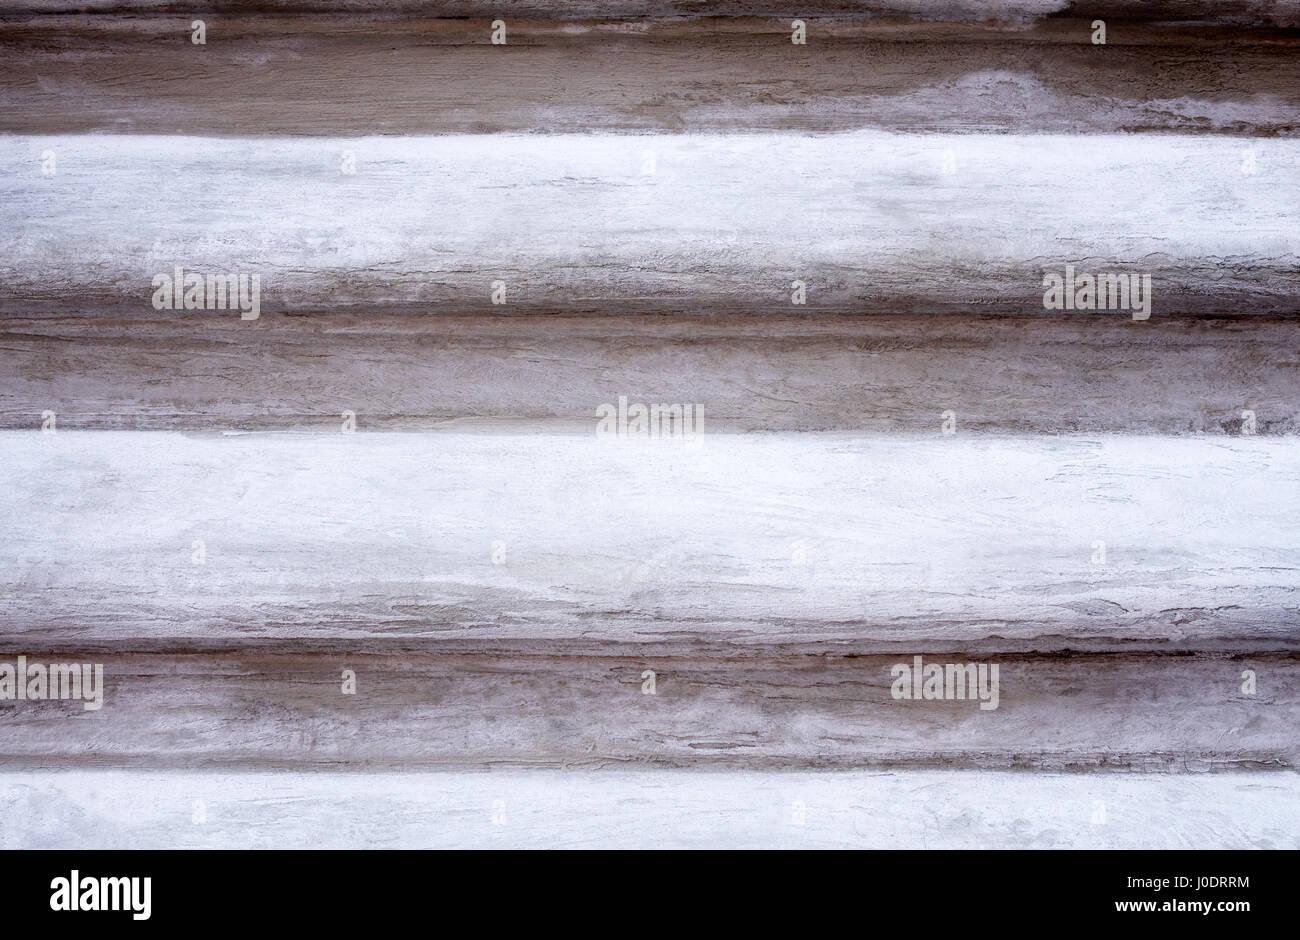 Eine Nahaufnahme der Abstraktion von Sandstein Schritte keuchte weiß Stockbild